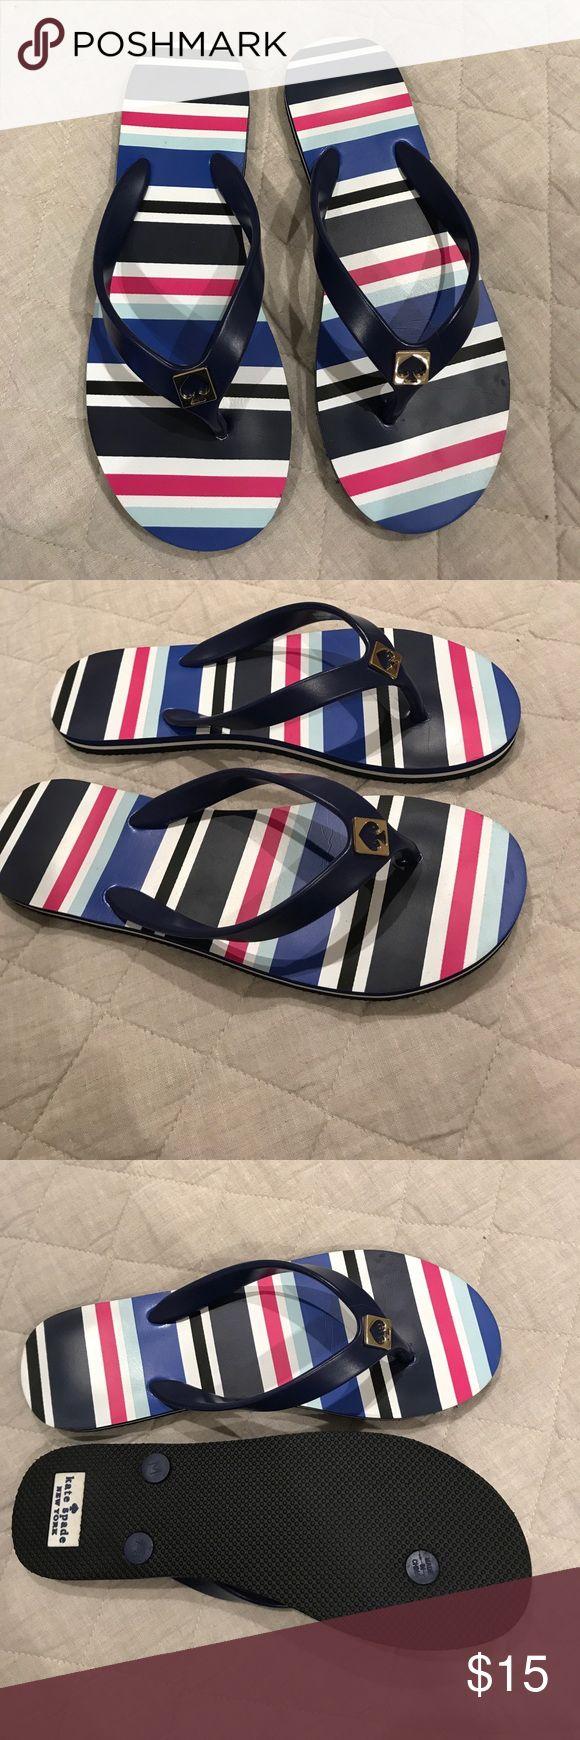 Kate Spade Flip Flops Brand new, never worn navy stripe flip flops with gold emblem kate spade Shoes Sandals